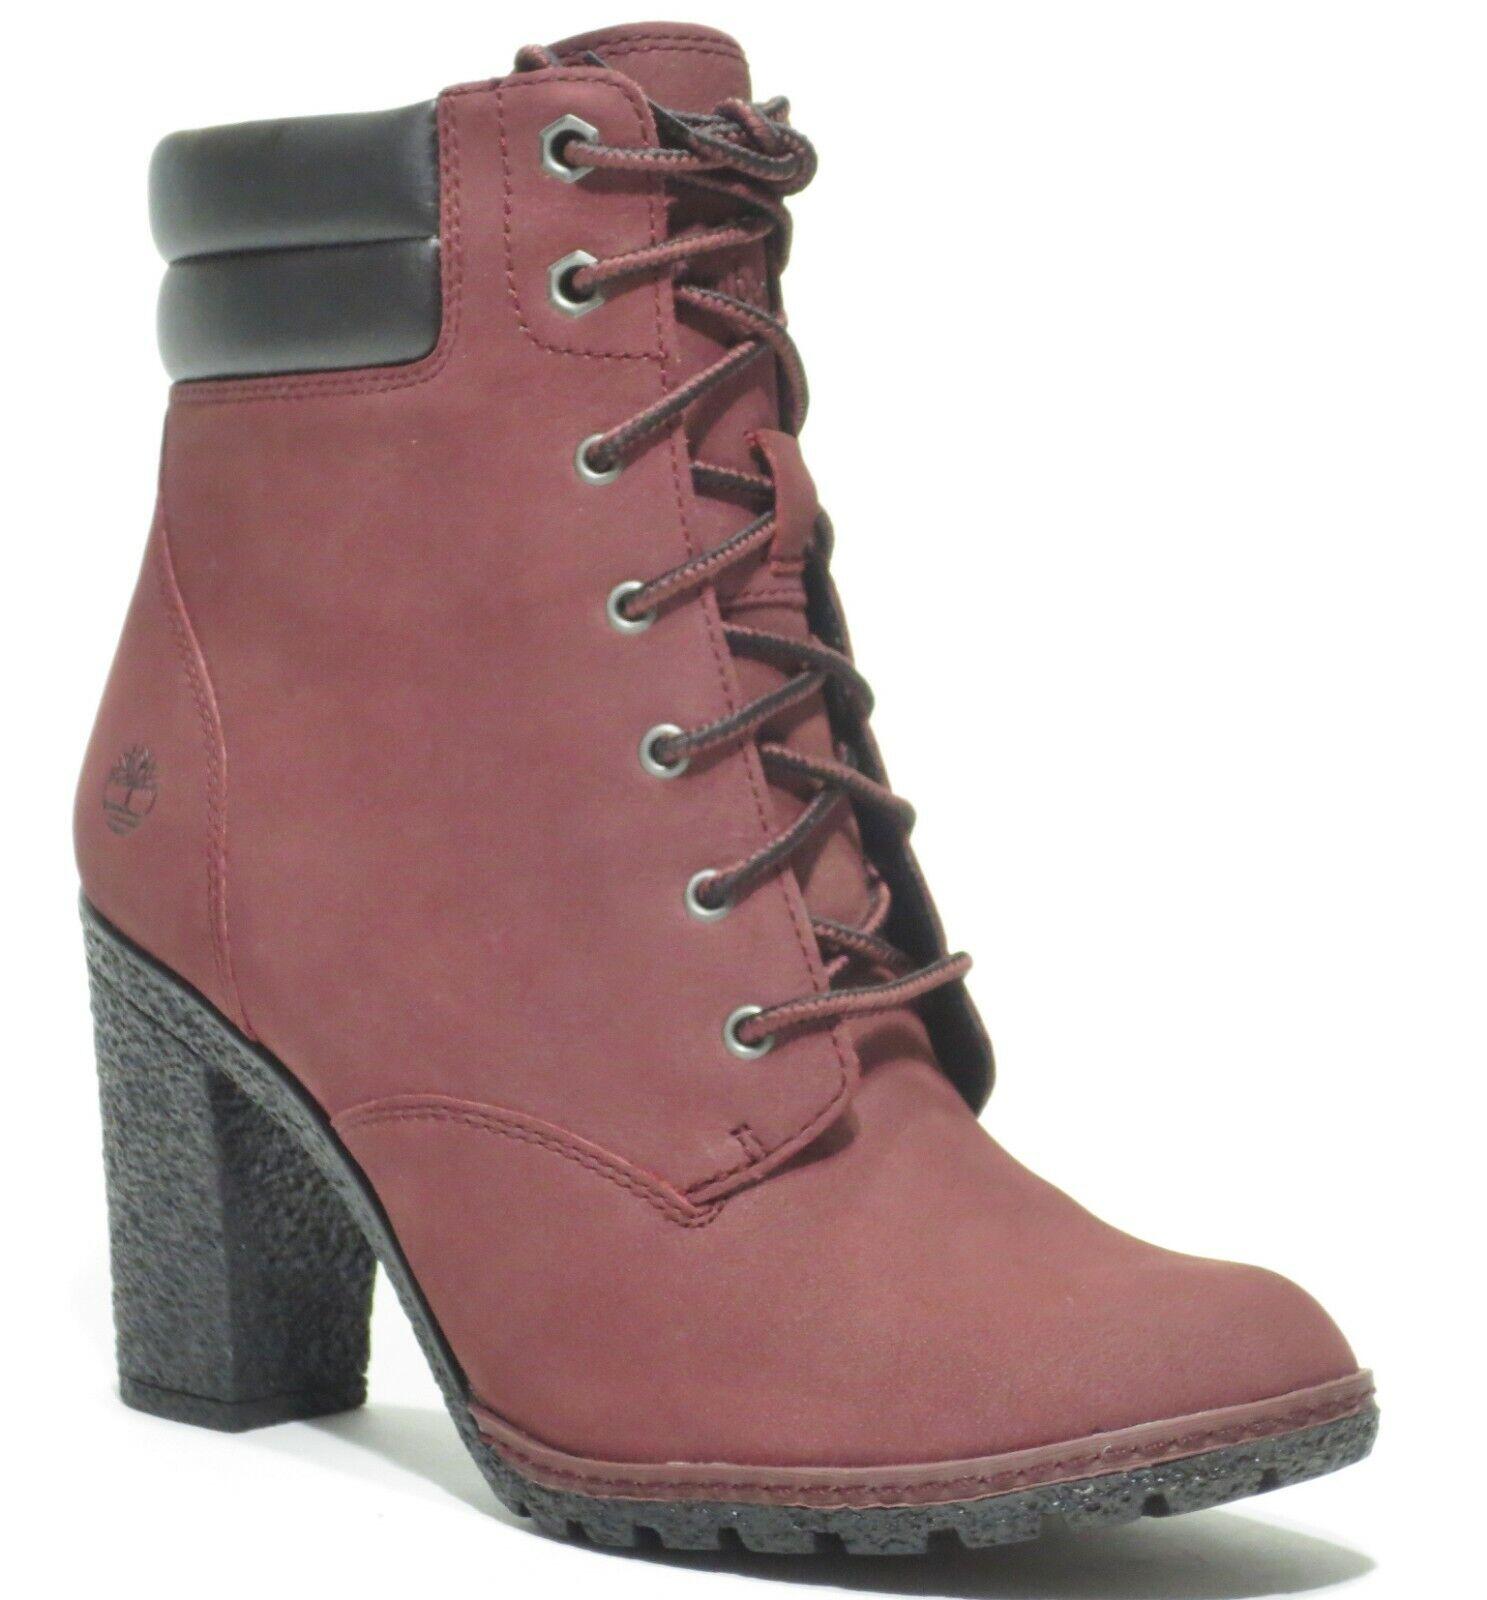 Timberland Women's Tillston High Heel Brown Burgundy 6 inch Leather Boots A1ZVU